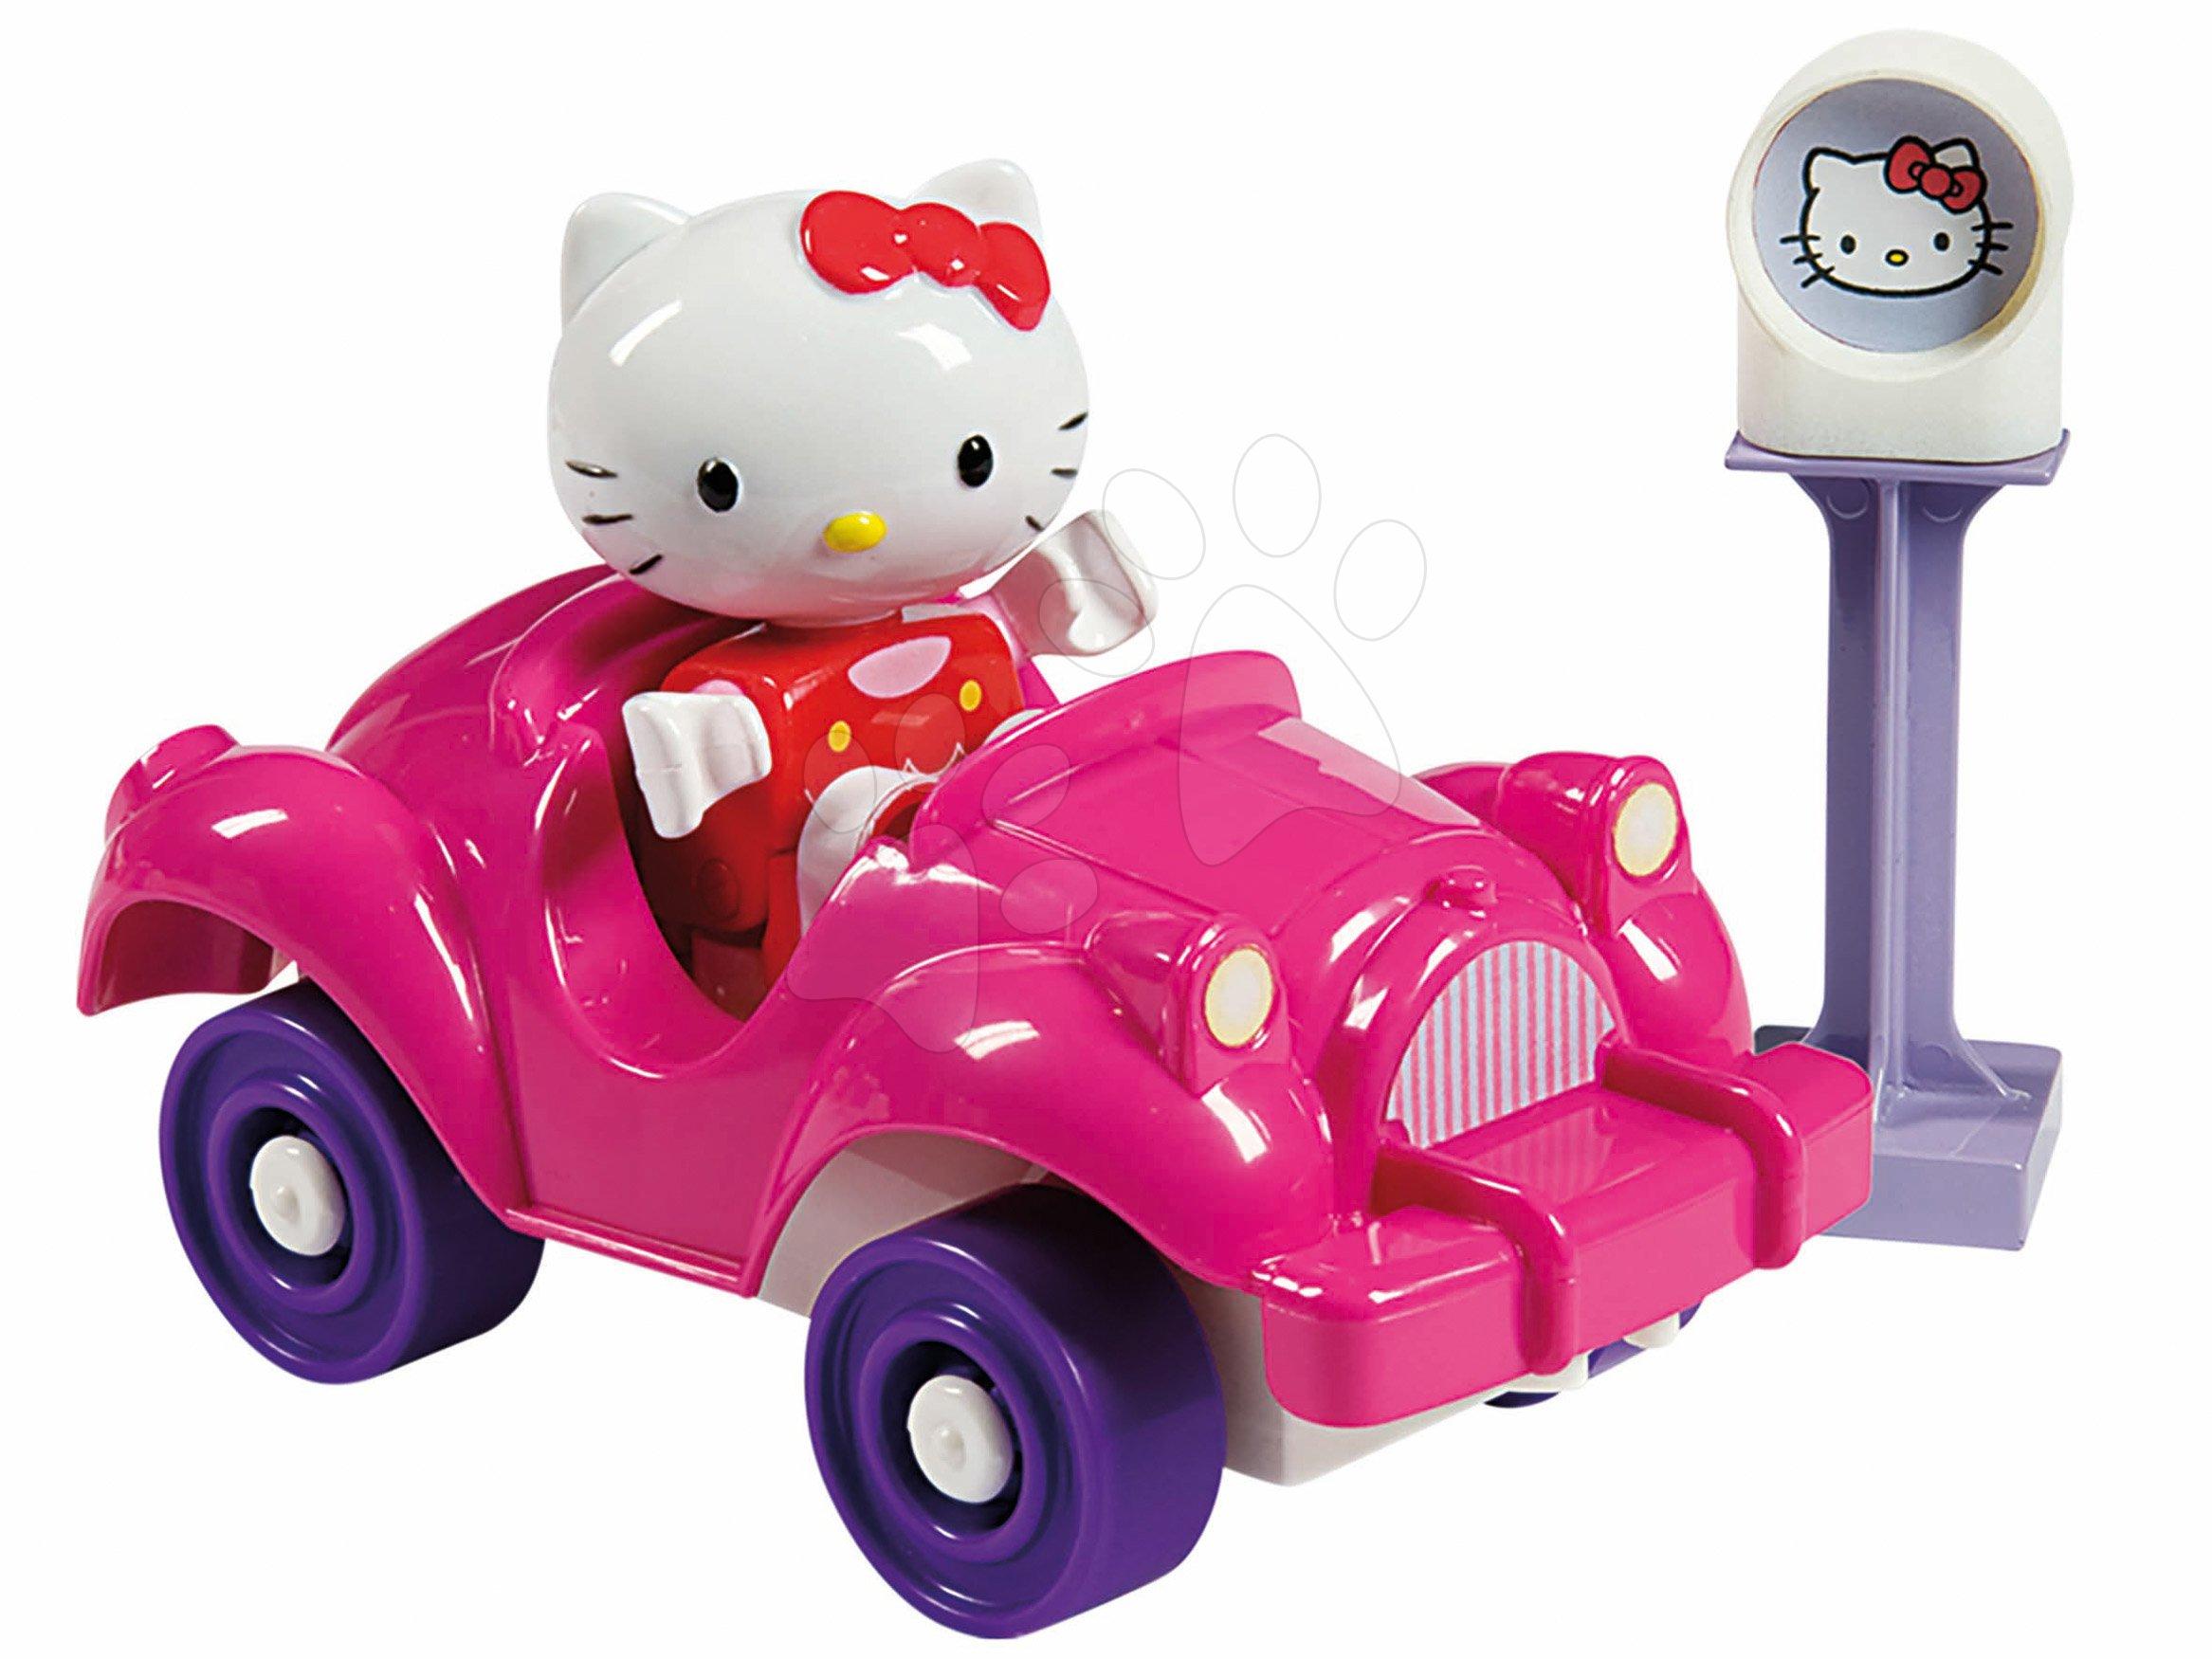 Stavebnice PlayBIG Bloxx Starter Box BIG Hello Kitty v růžovém autíčku od 18 měsíců